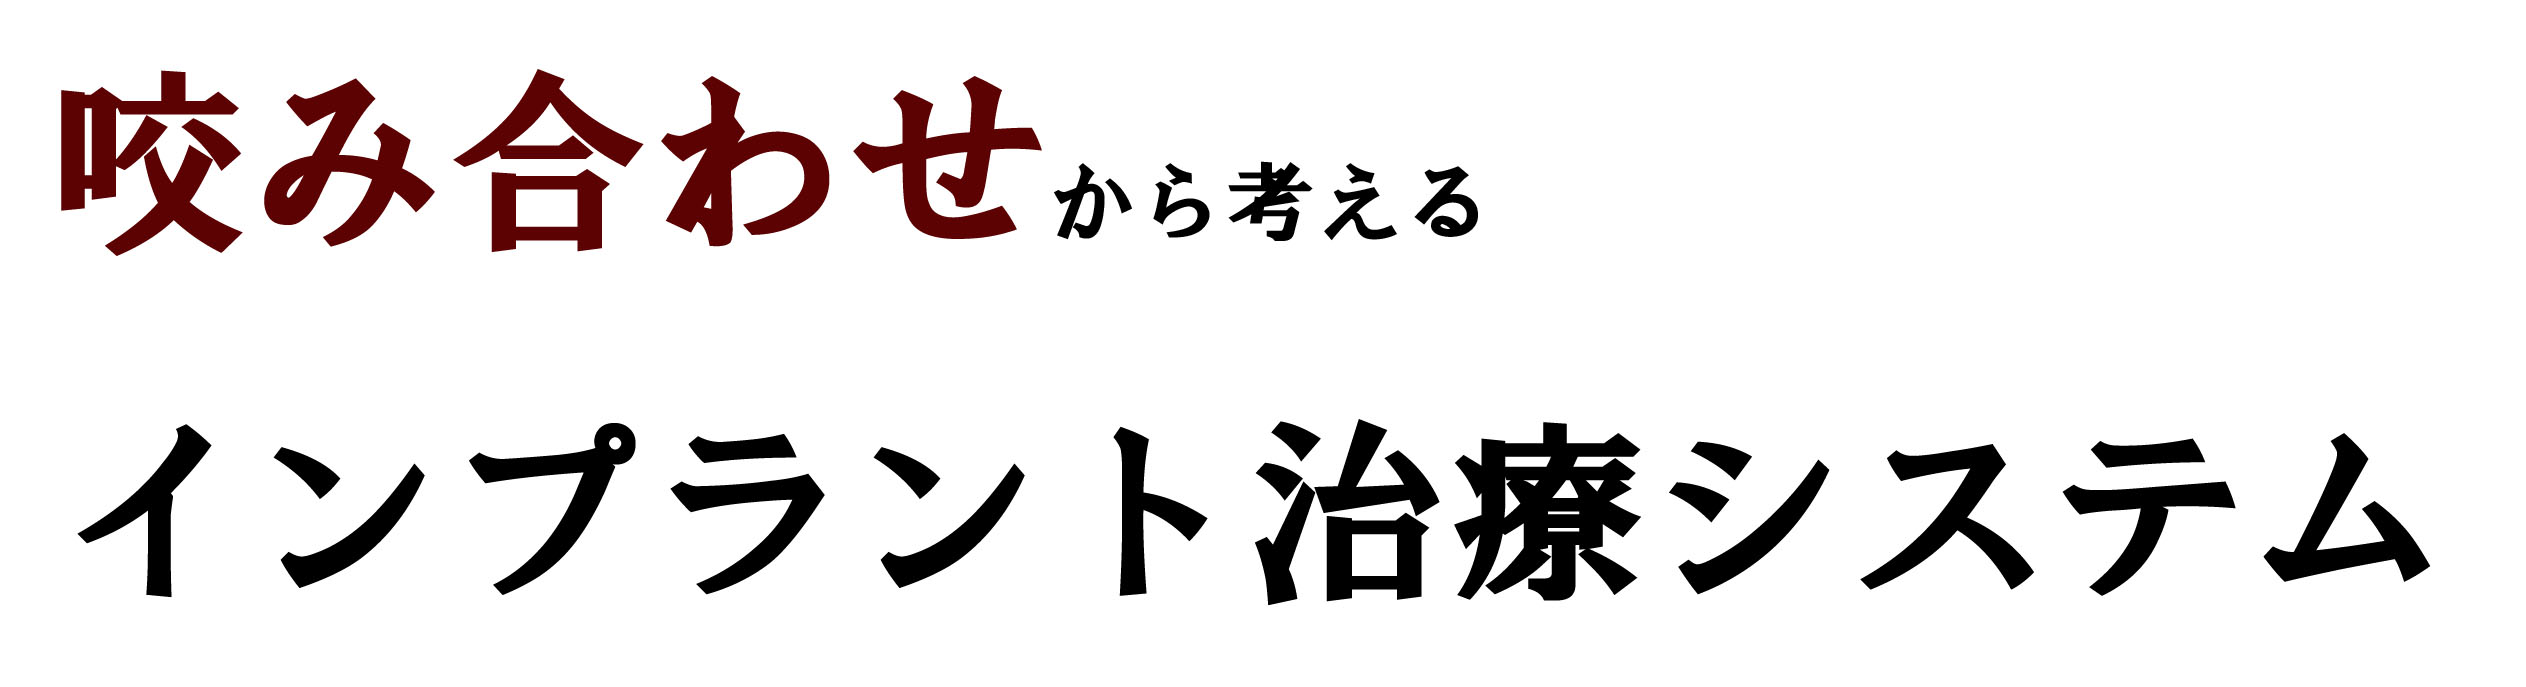 香川県 高松市のかみ合わせ インプラントの吉本歯科医院 3i